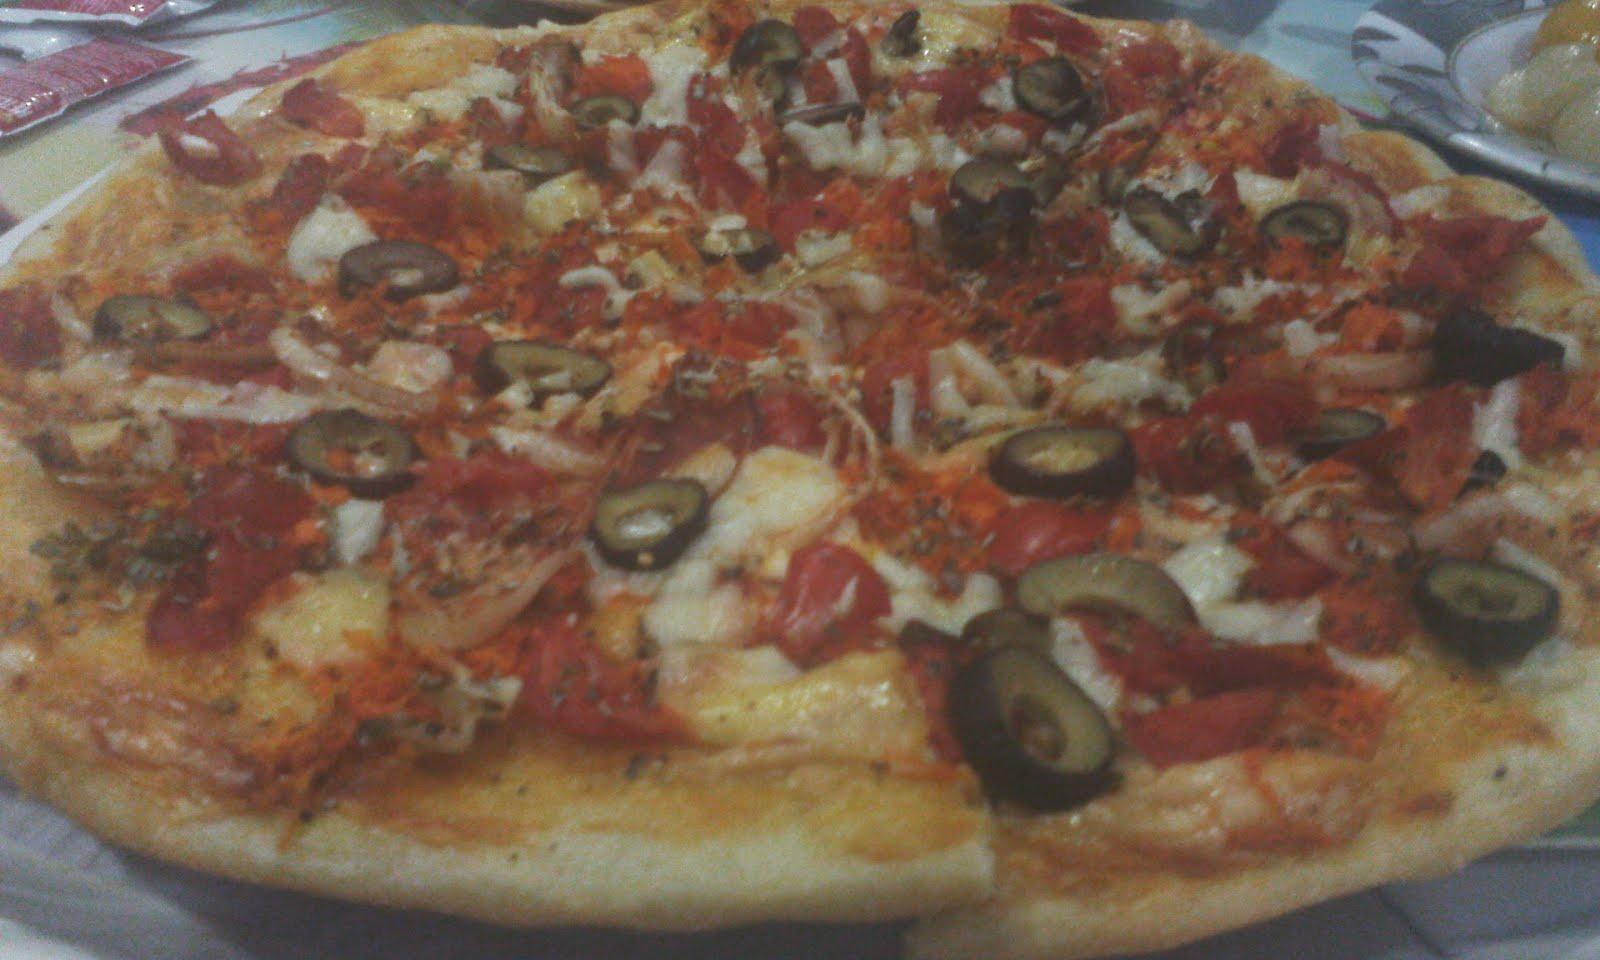 افتكــاسات طبيبة طريقة سهلة وبسيطة لعمل البيتزا الإيطالى بالفراخ اللذيذة فى البيت بالصور